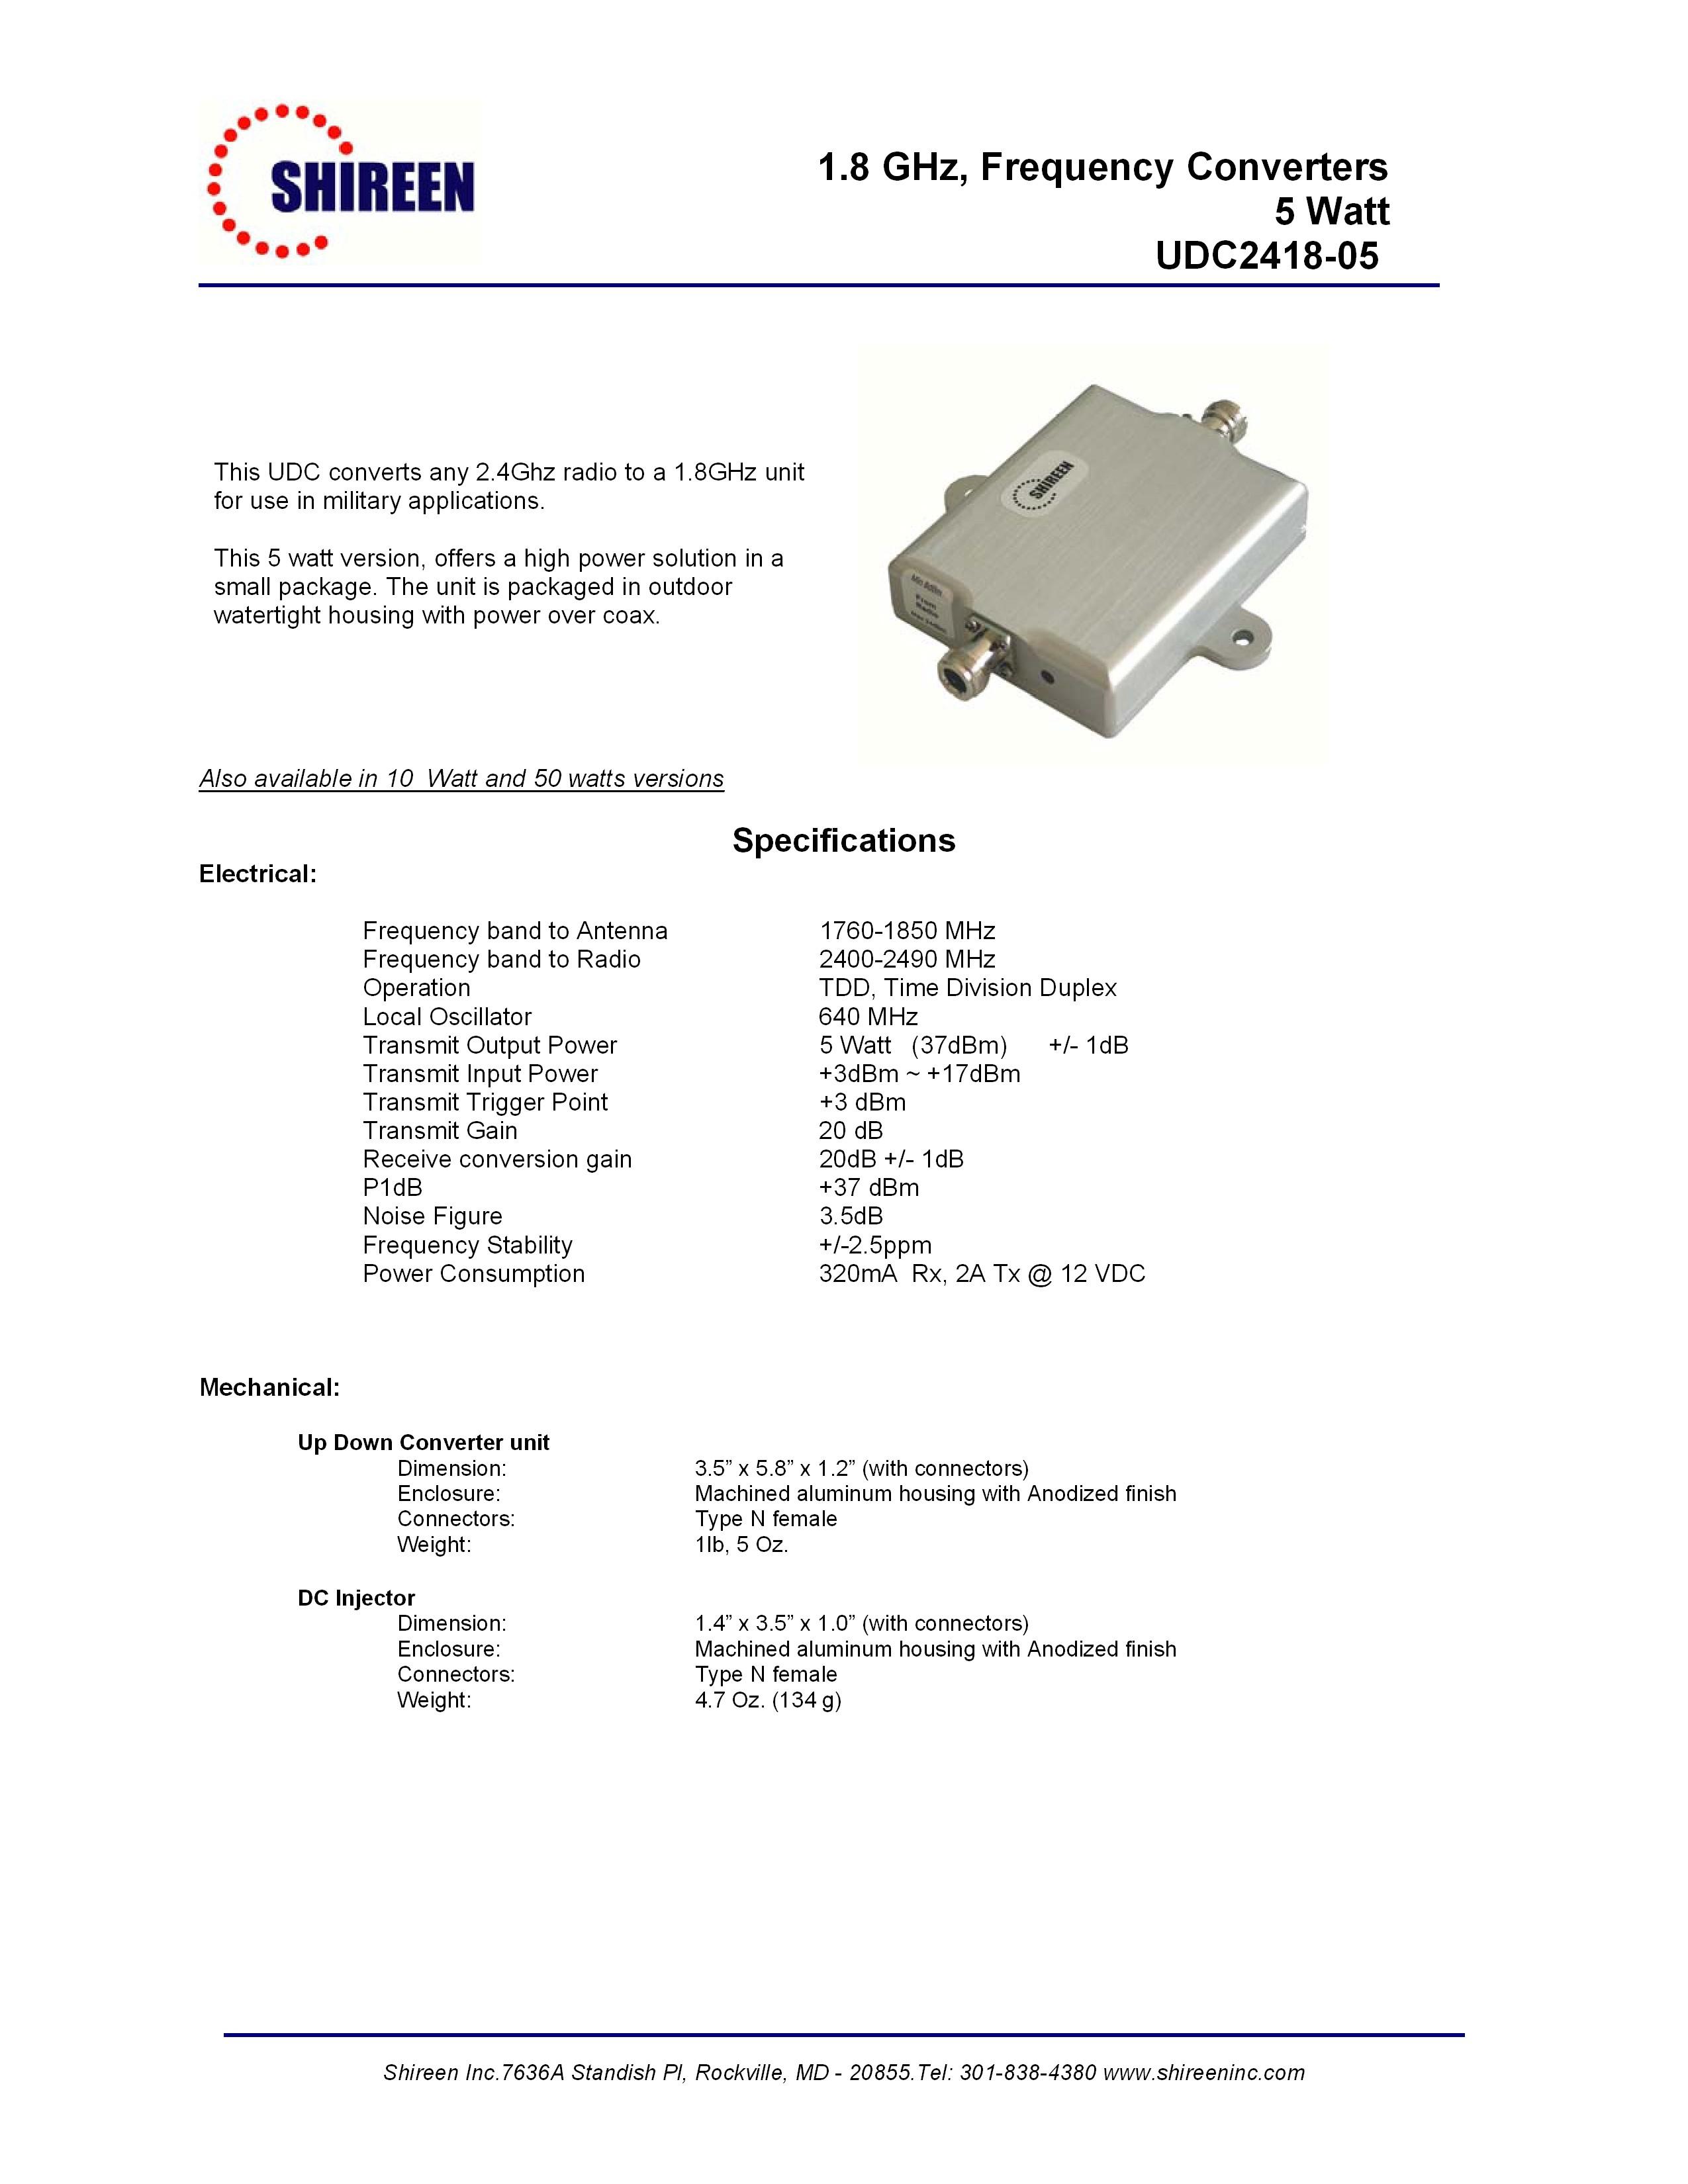 2.4GHz to 1.8GHz converter 5W